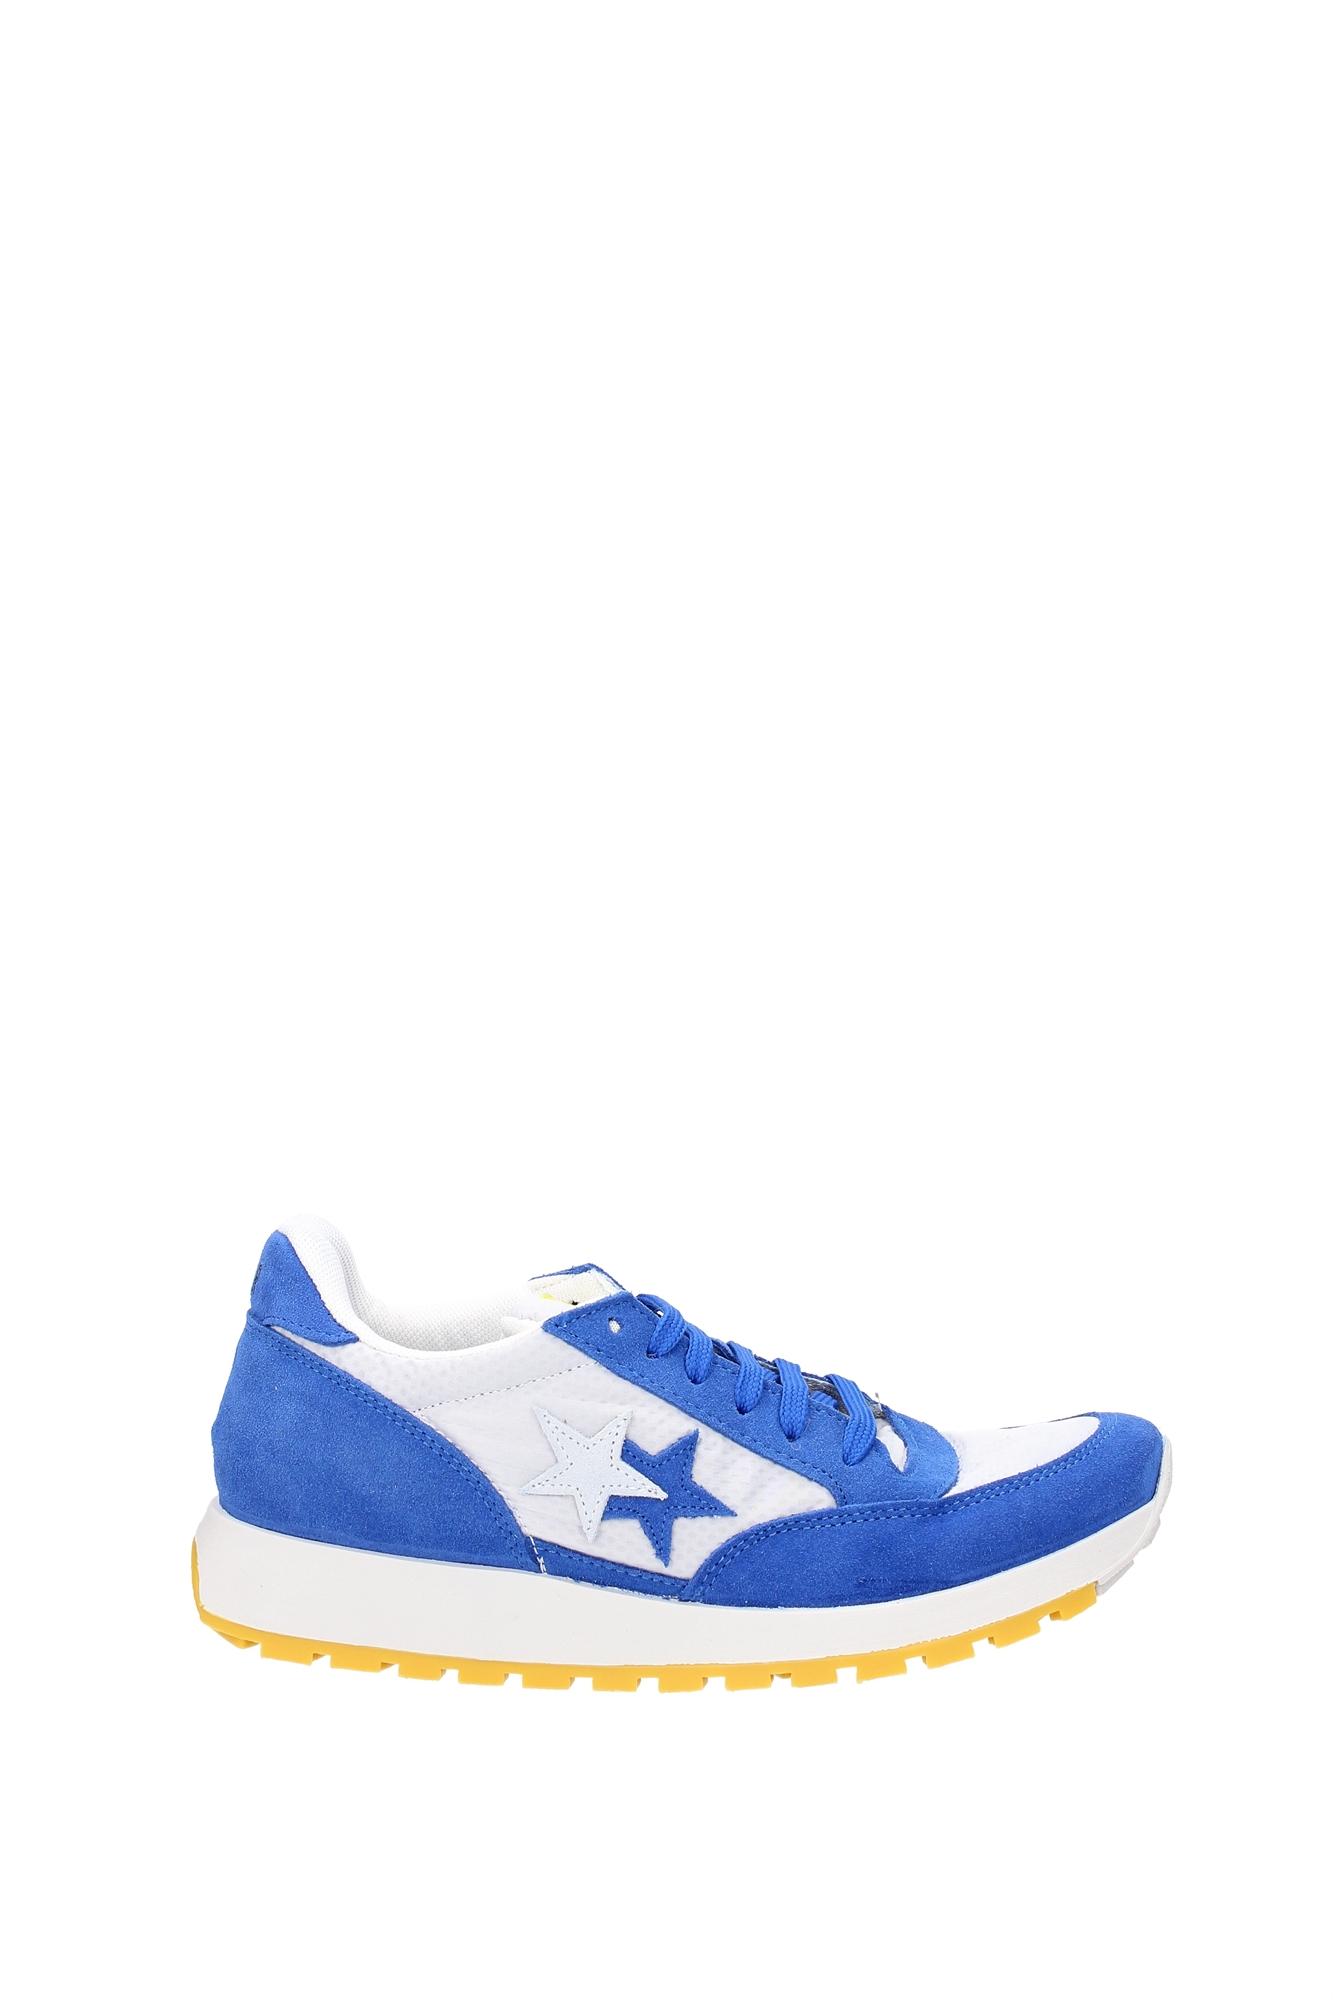 Sneakers 2star Uomo Uomo 2star - Camoscio (2SU1143GHIACCIOAZZURRO) 3e1cfc